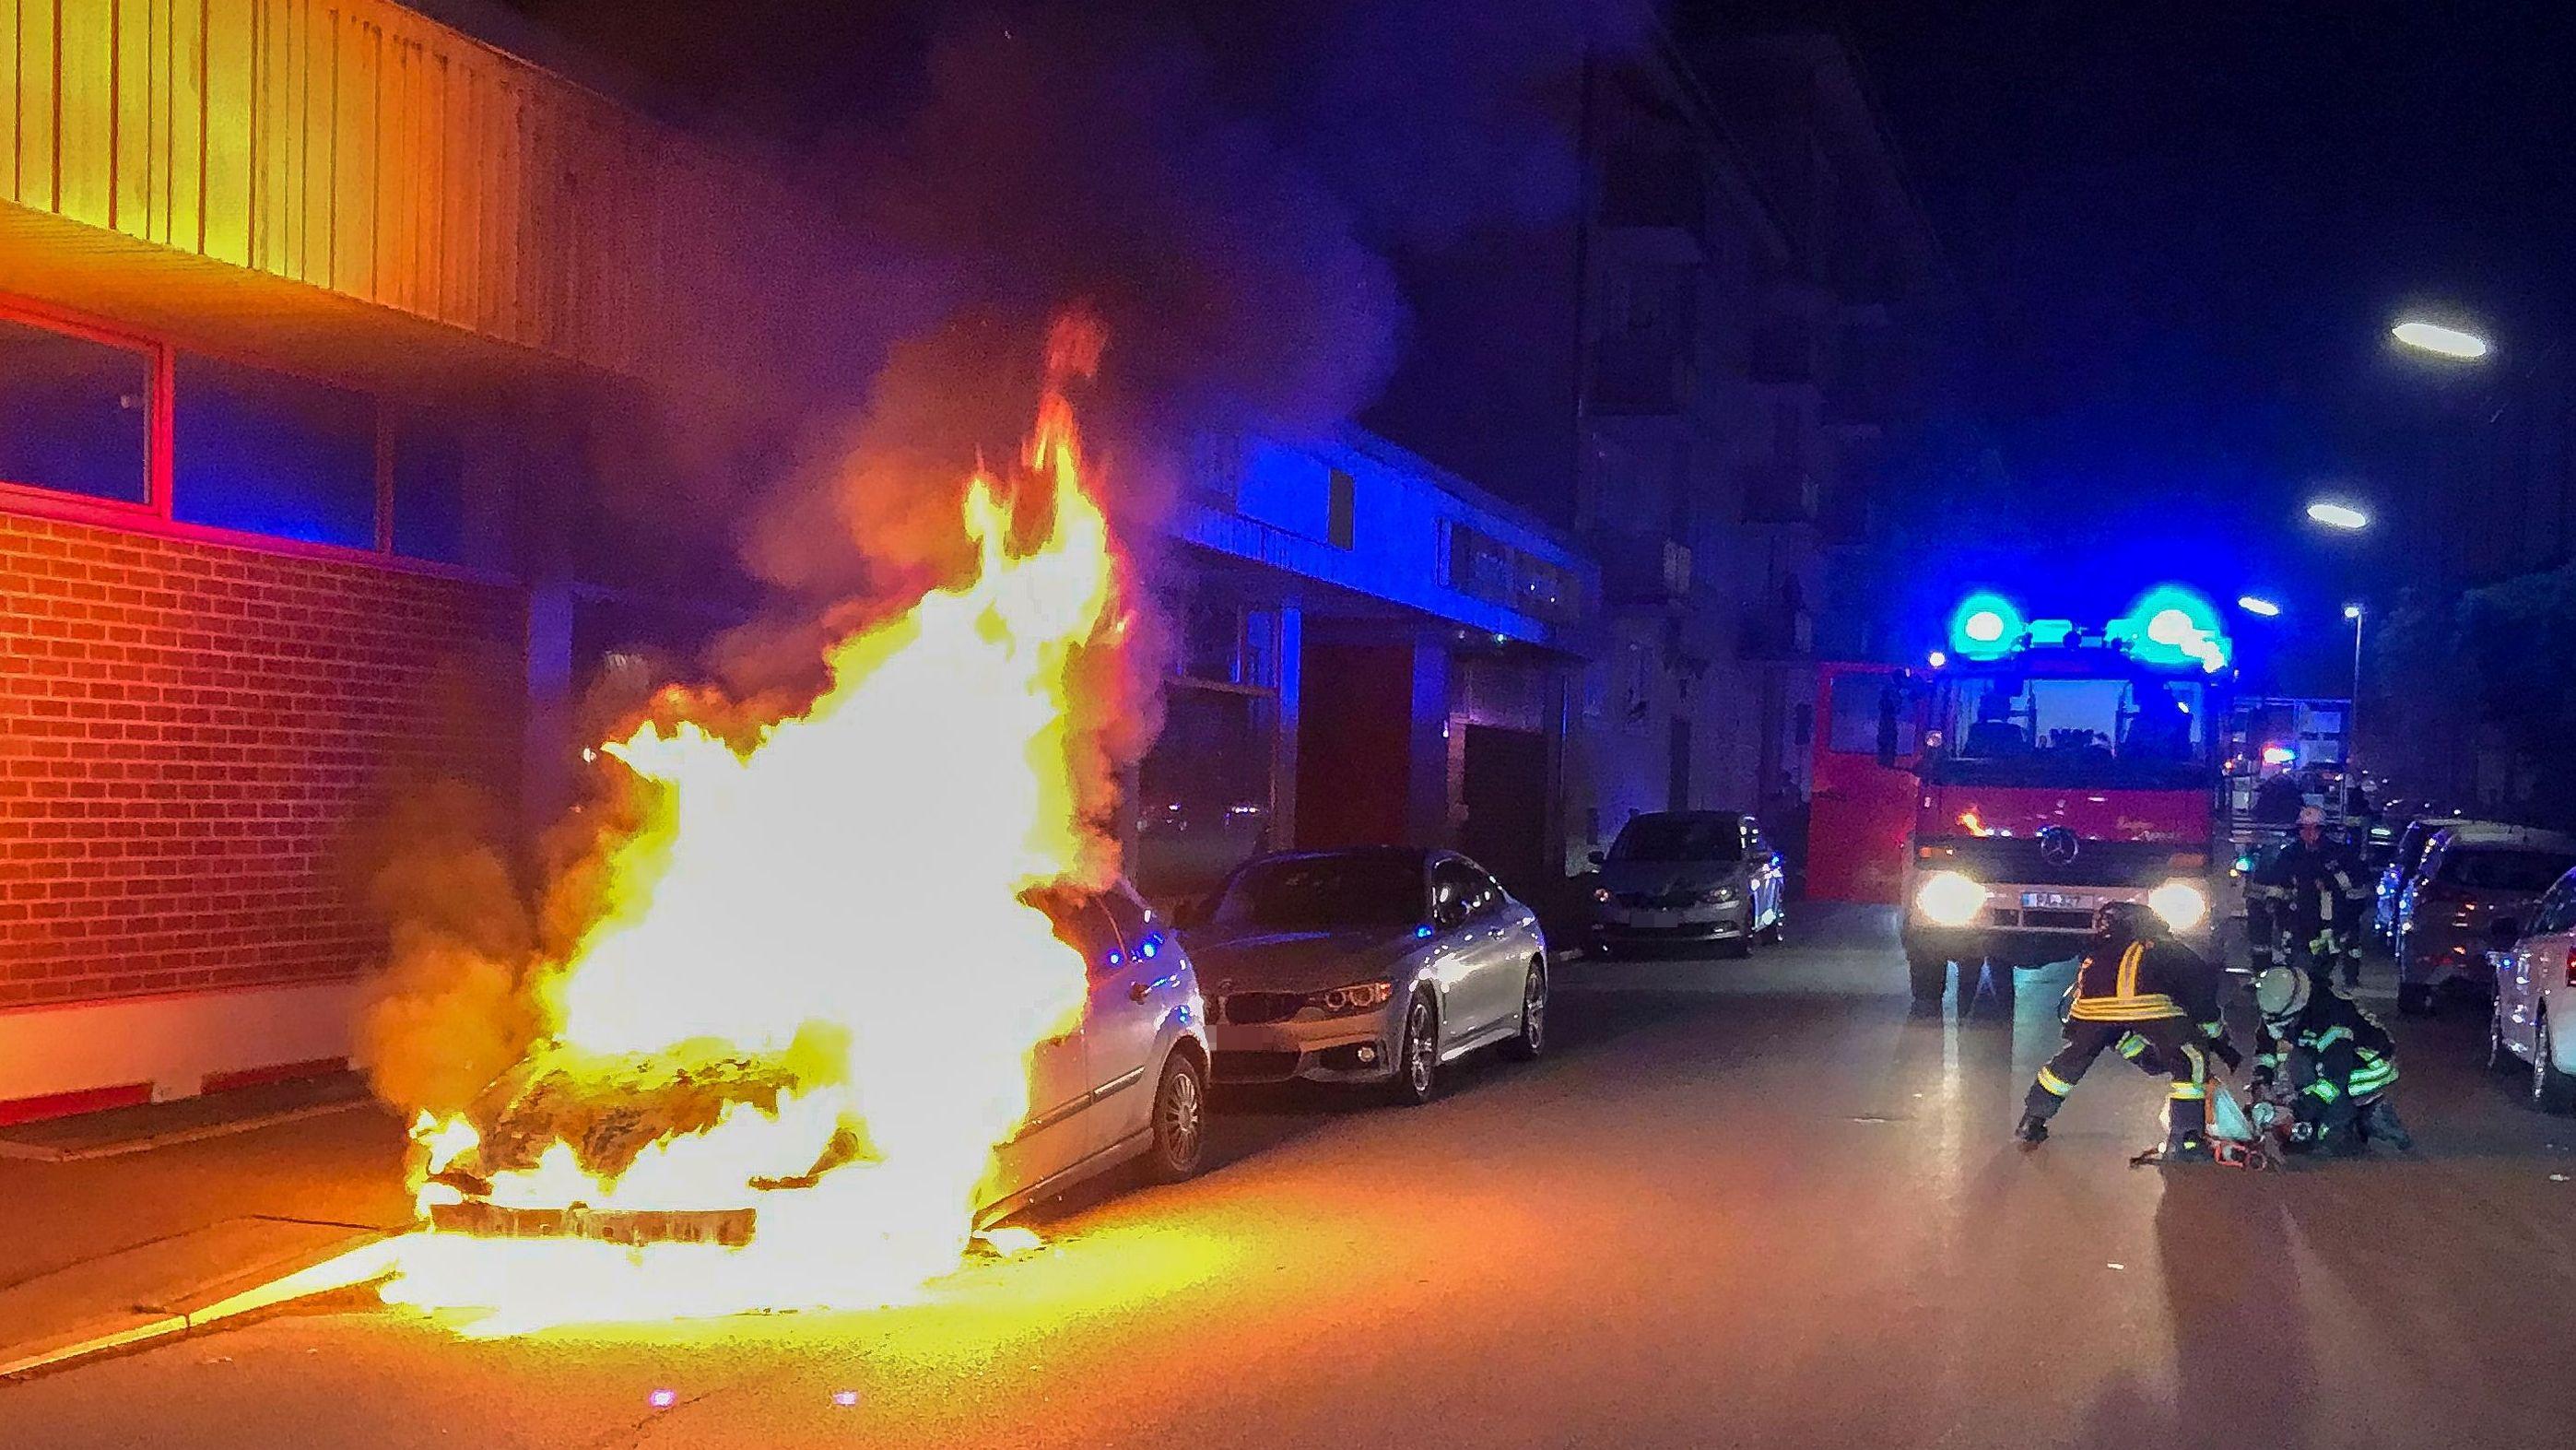 In der Nacht brannte ein Auto lichterloh in Passau - die Feuerwehr kämpfte gegen die Flammen